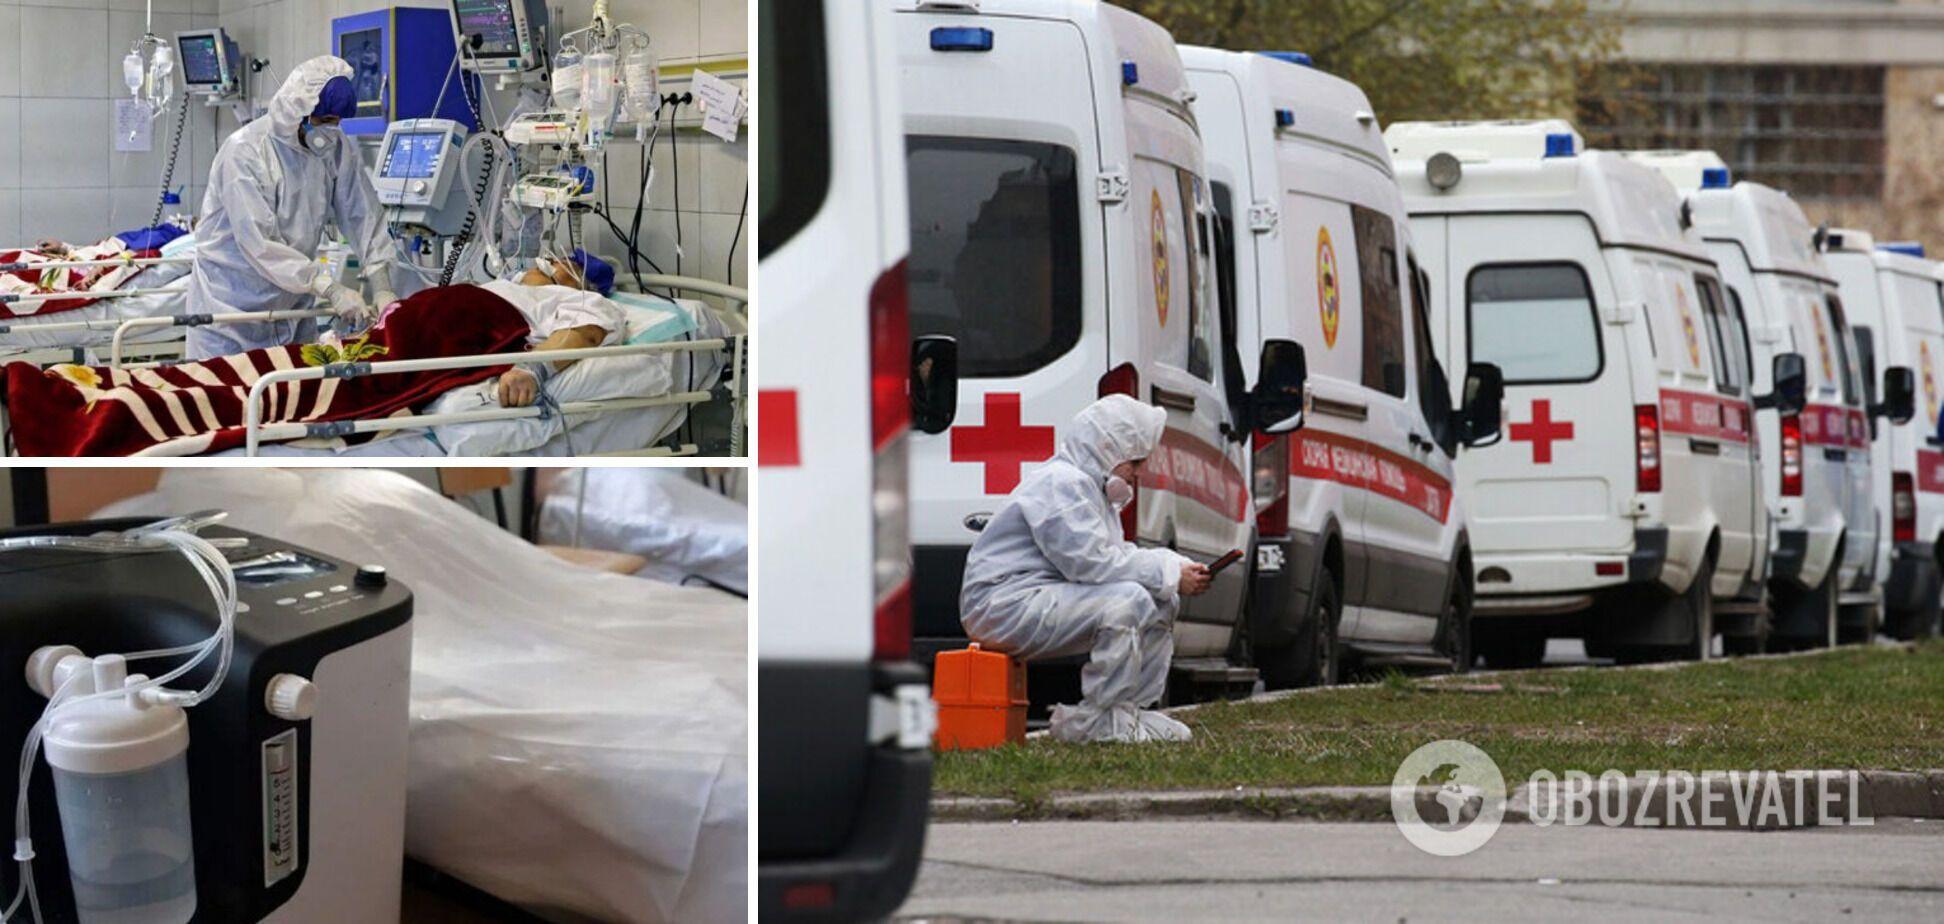 Волонтер про COVID-катастрофу в Одесі: концентратори закінчилися, люди телефонують просто з машин швидкої